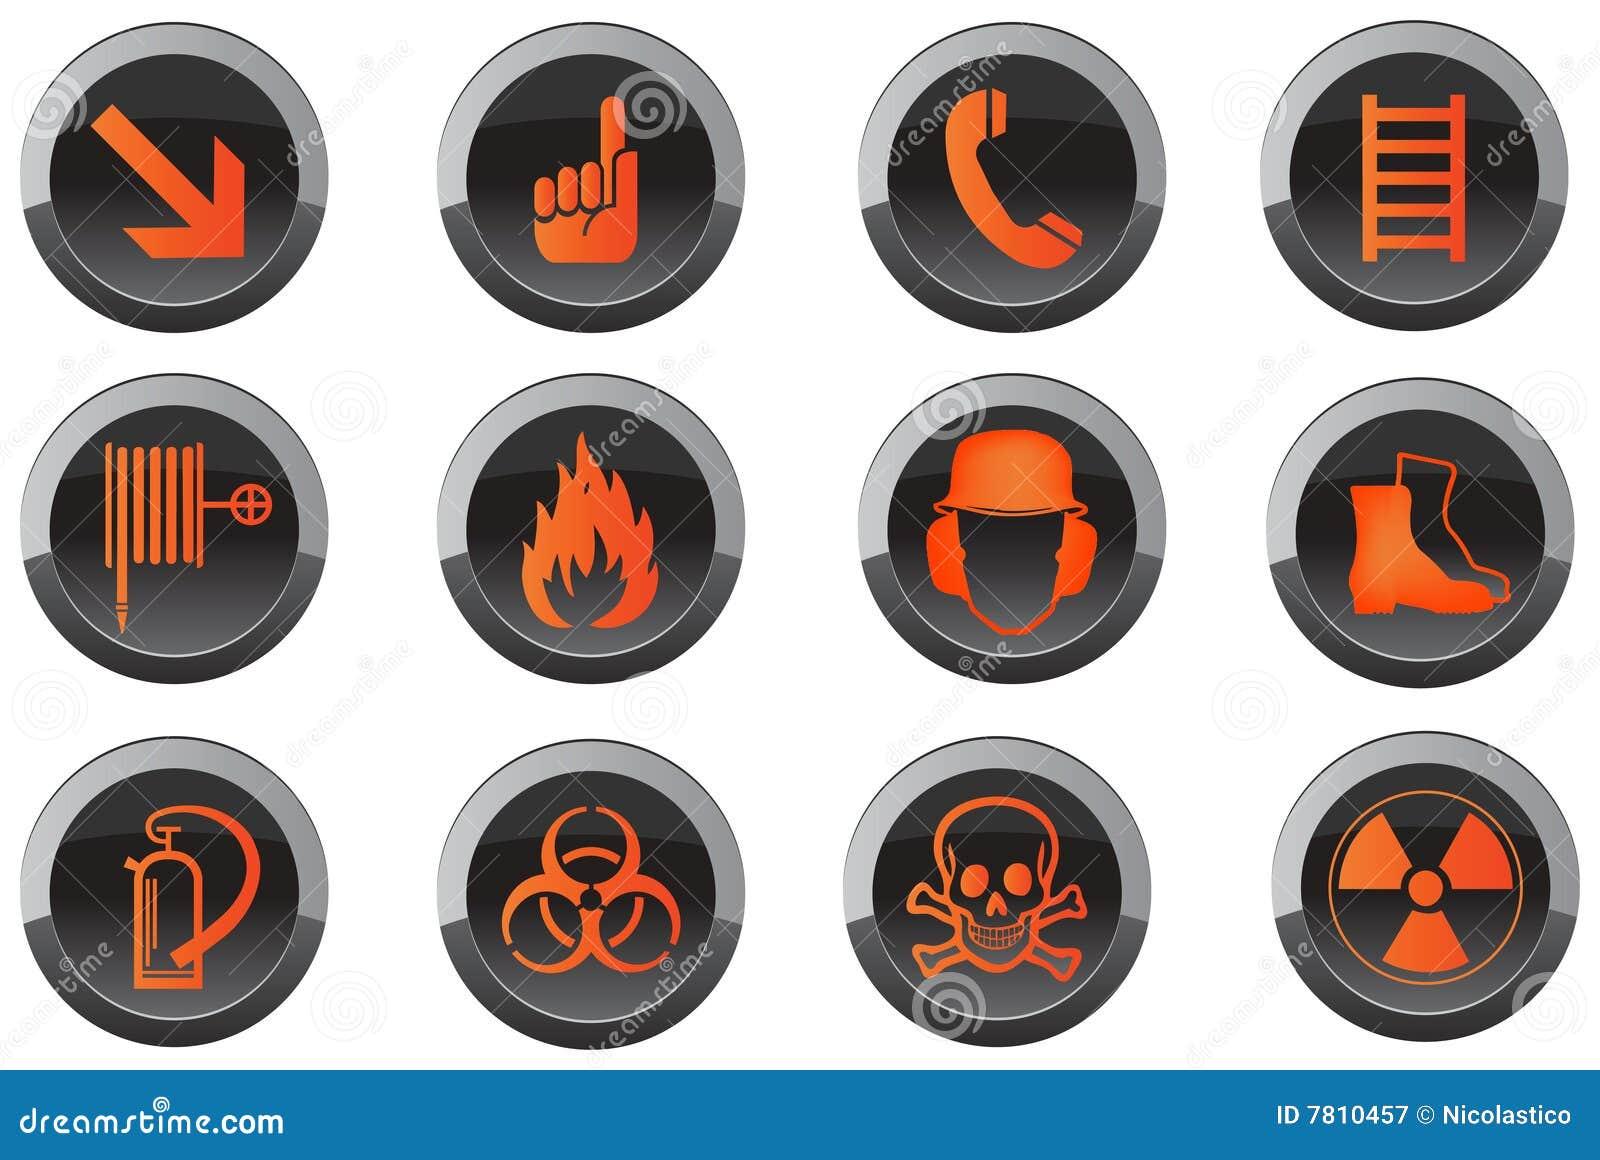 Iconos del botón de la seguridad